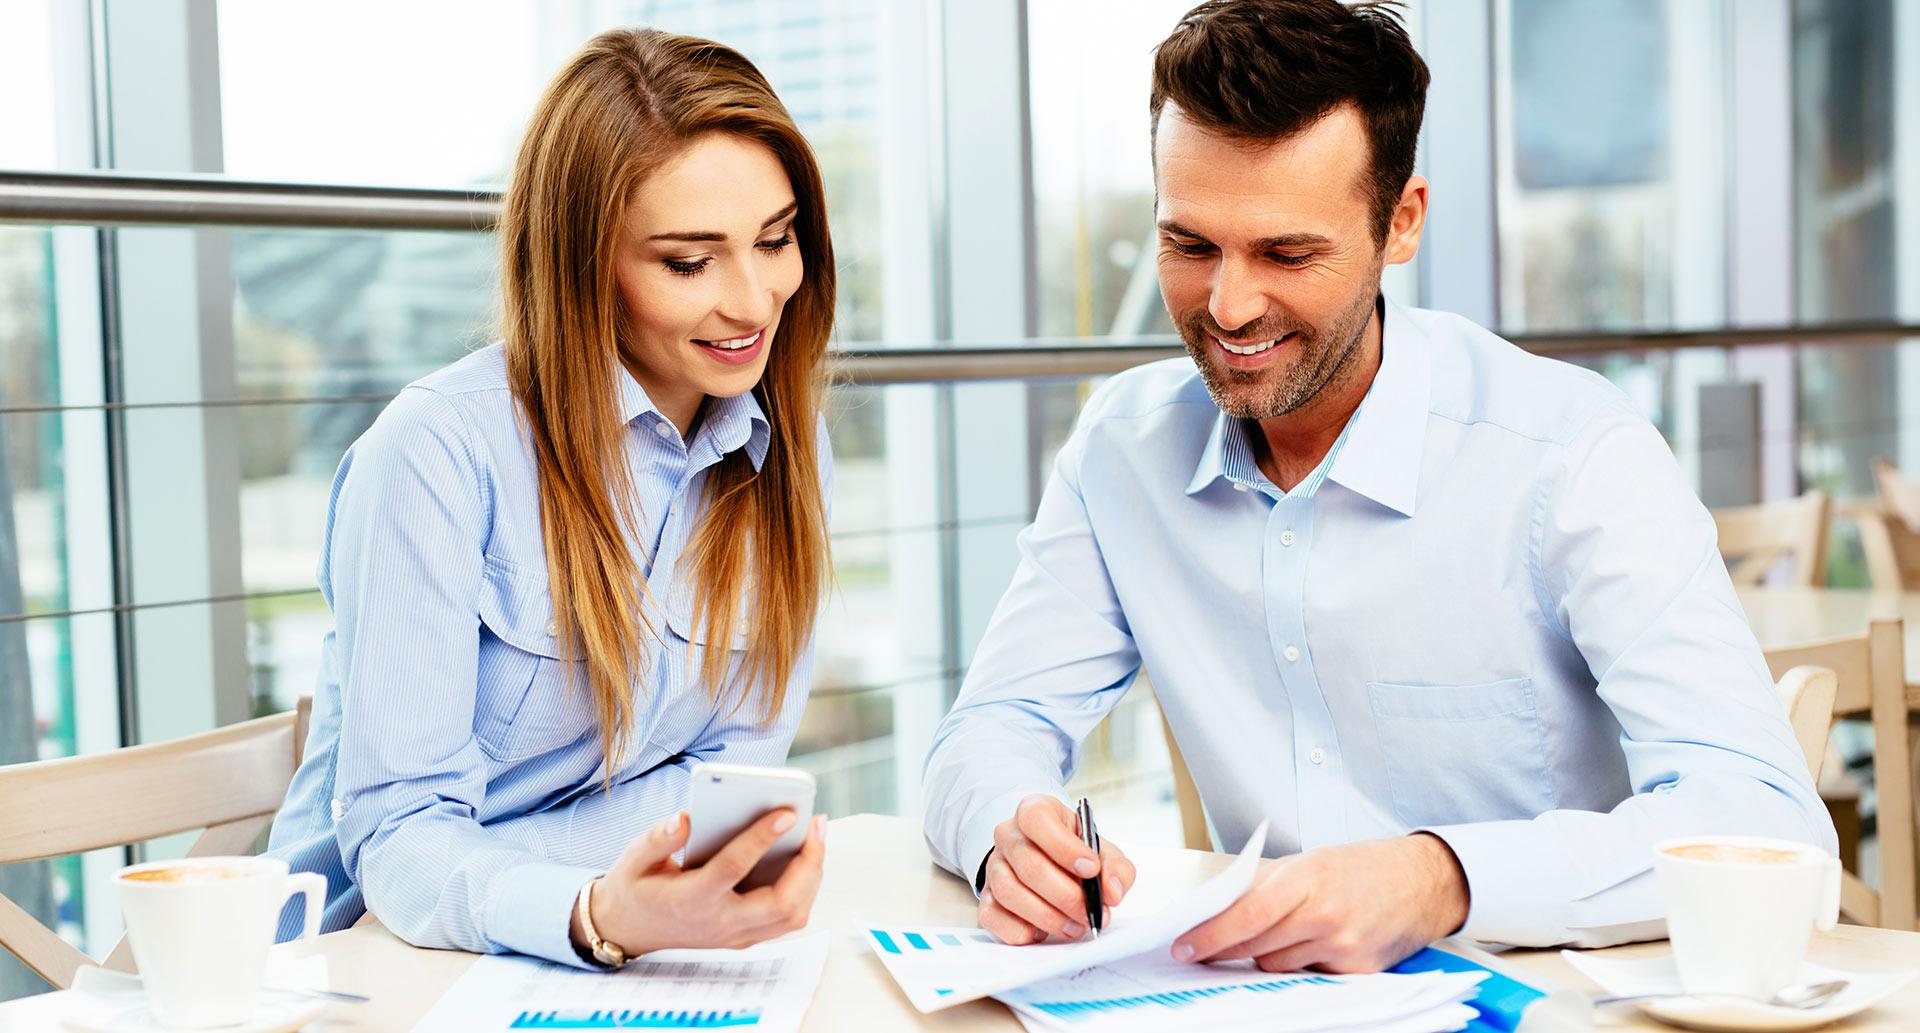 גבר ואישה עובדים במשרד